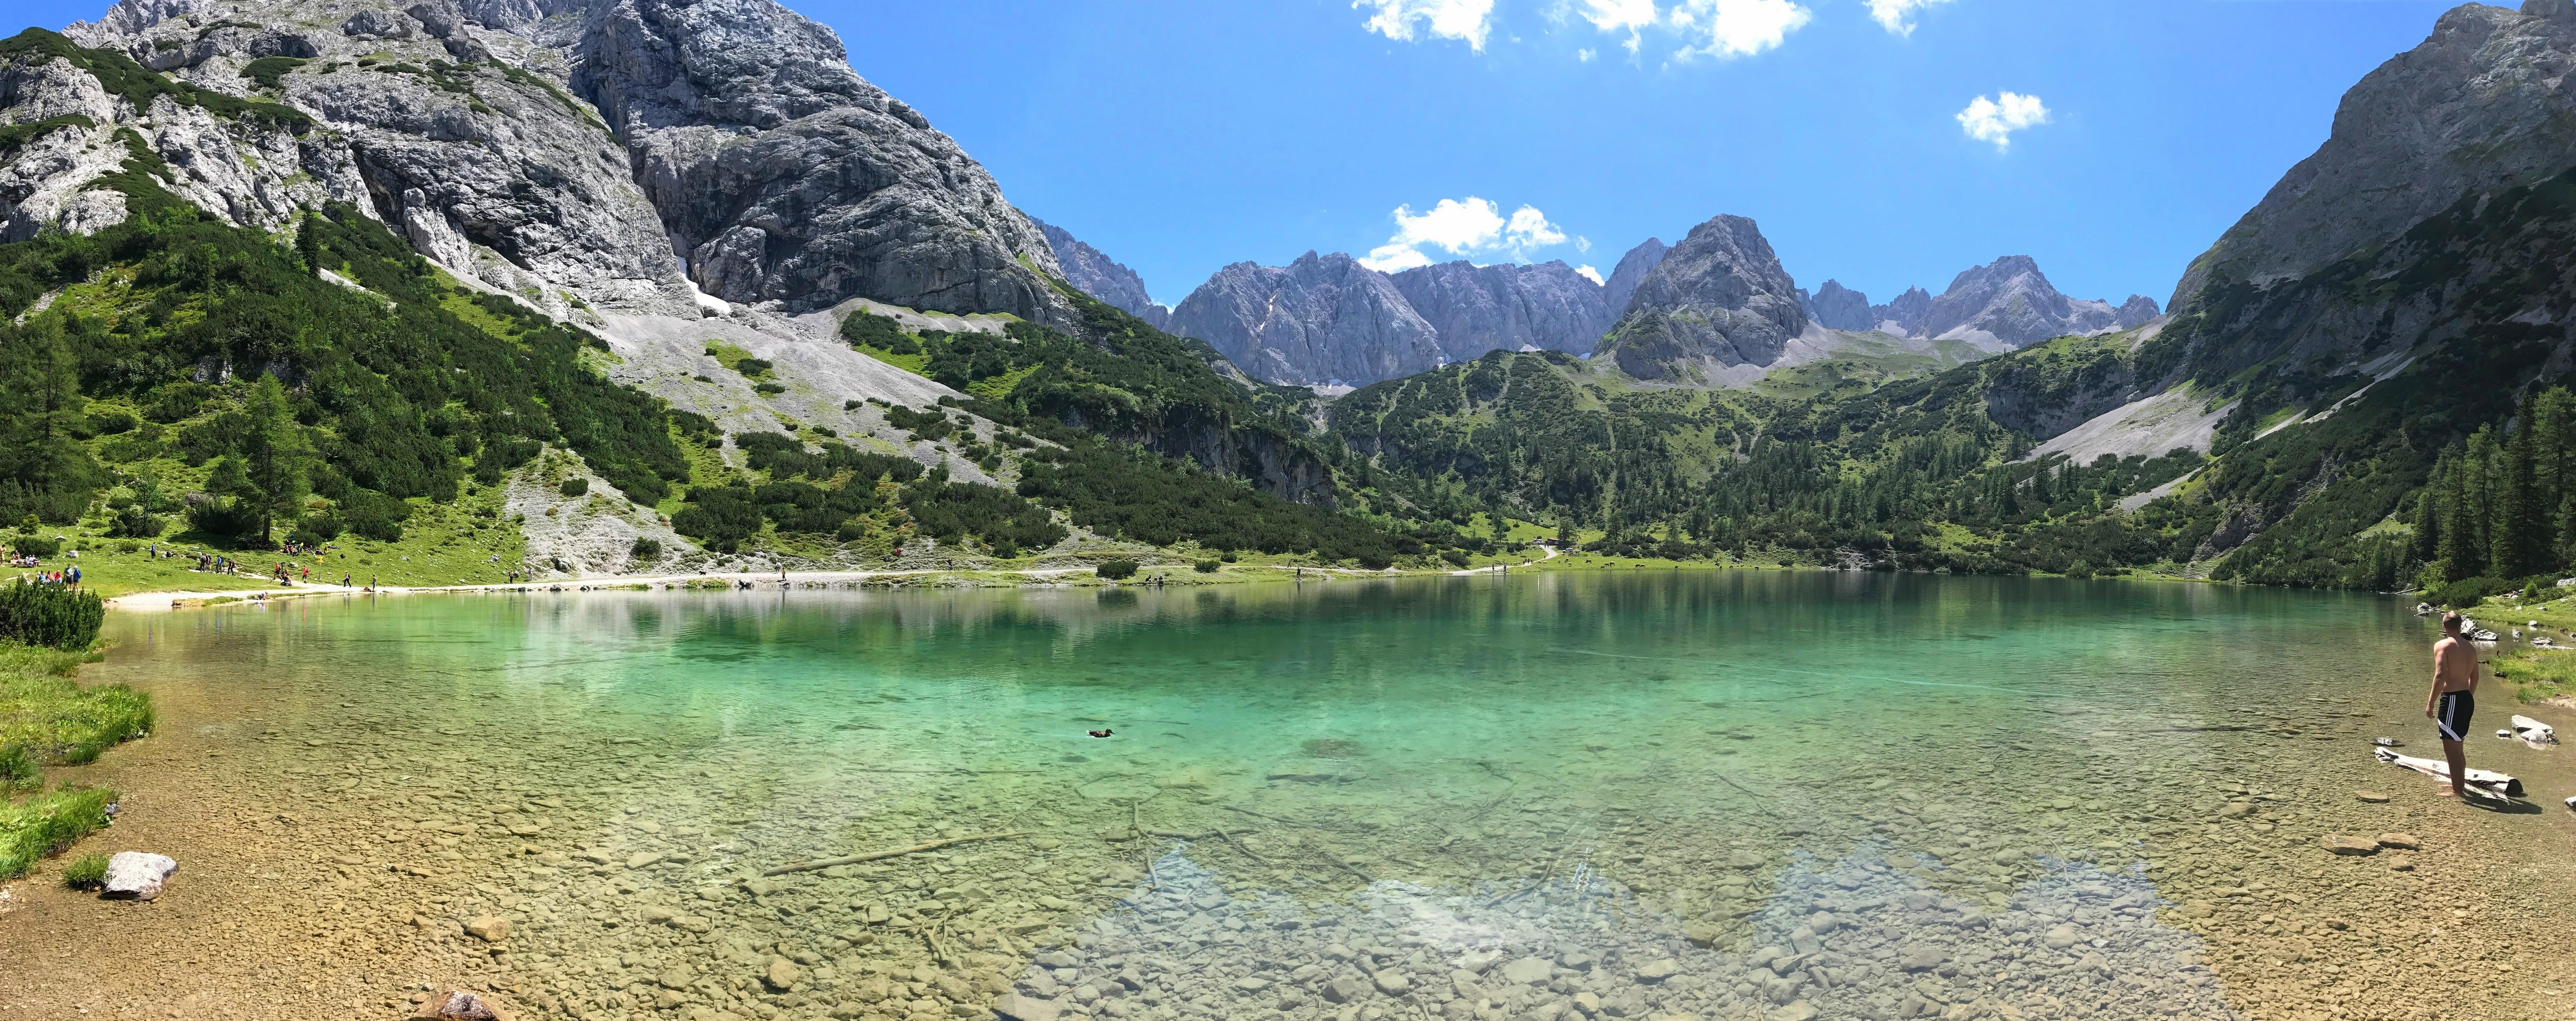 De Seebensee in Tirol